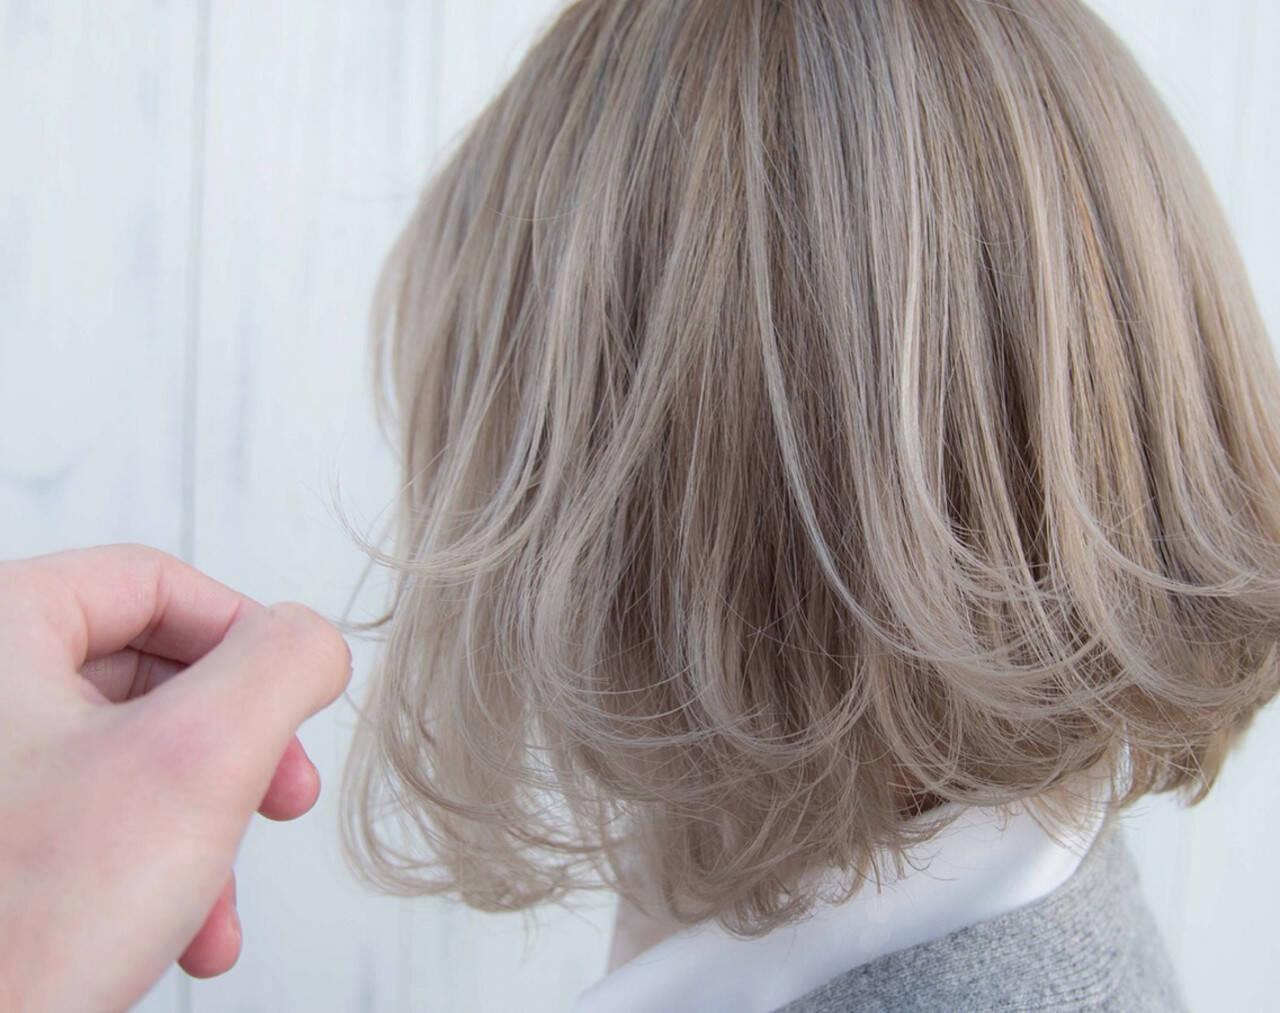 ミルクティーベージュ ボブ ホワイトグレージュ ベージュヘアスタイルや髪型の写真・画像